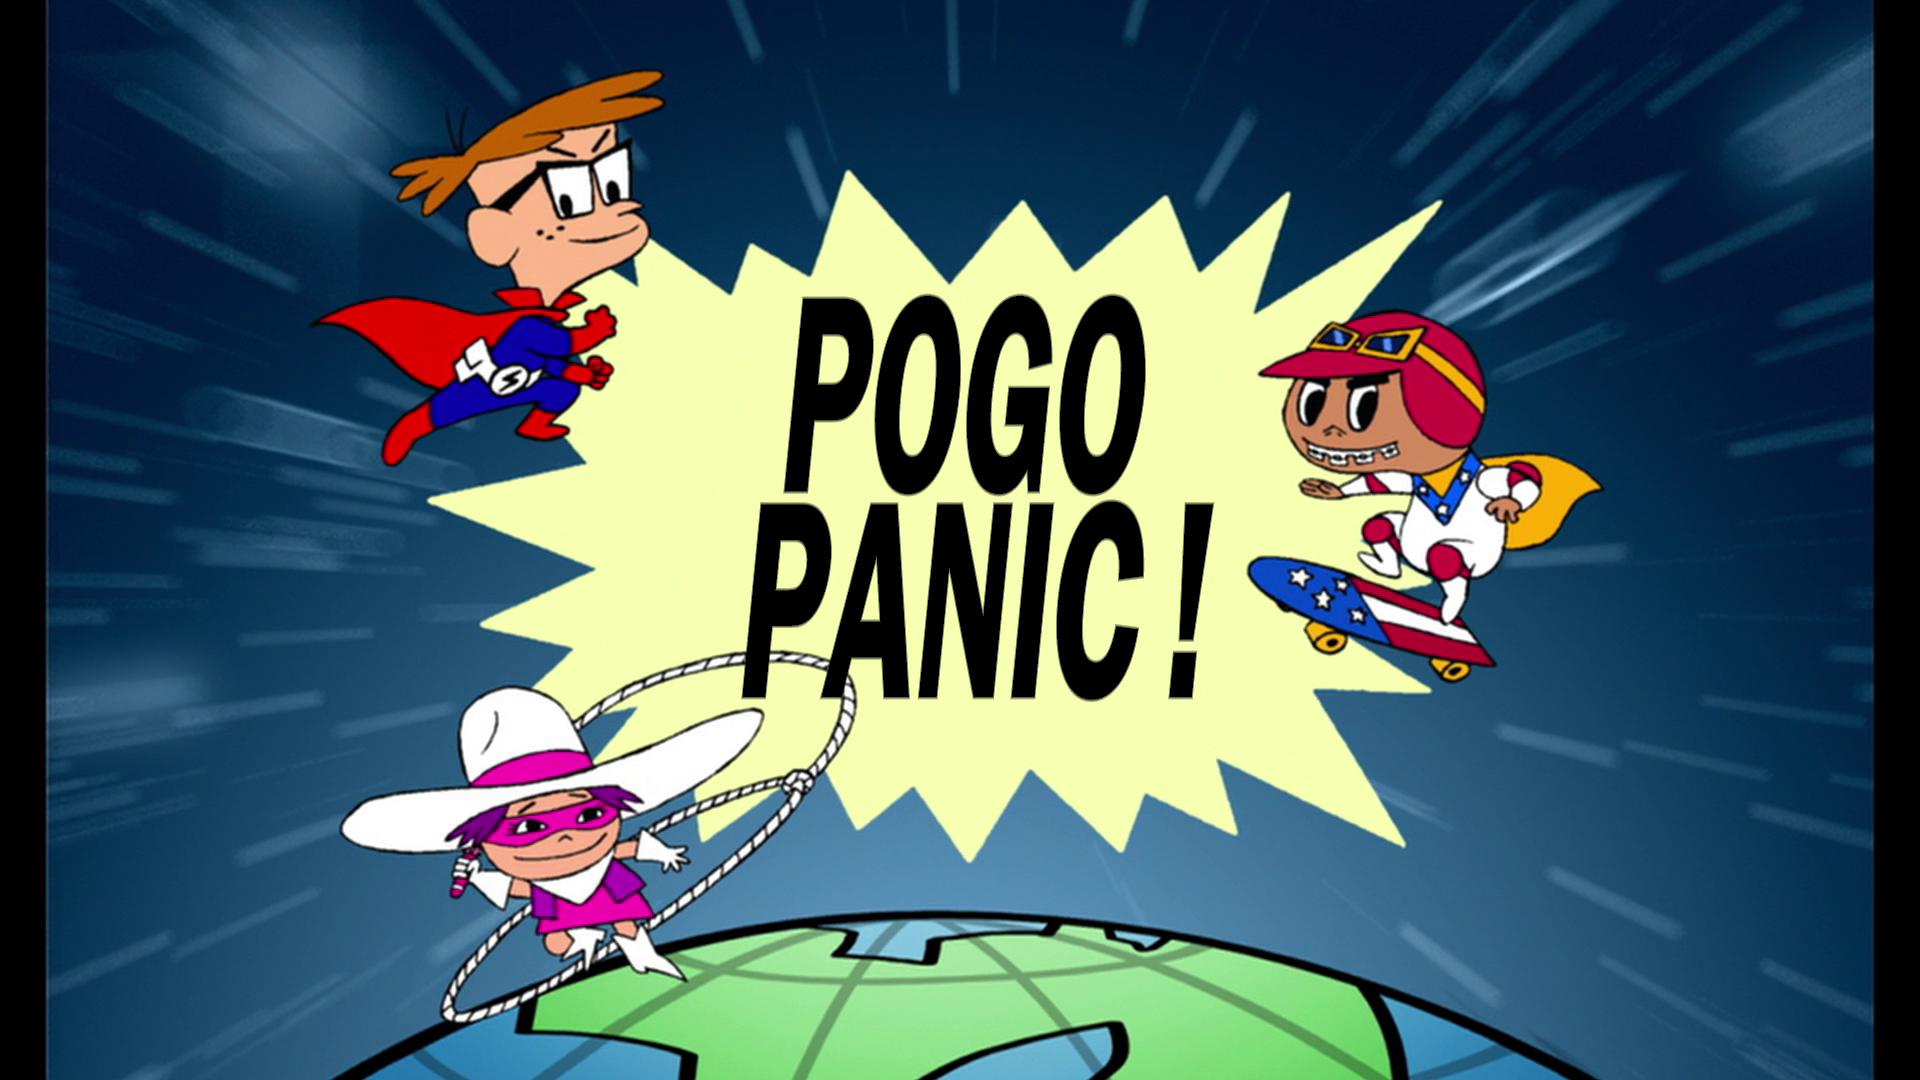 Pogo Panic!